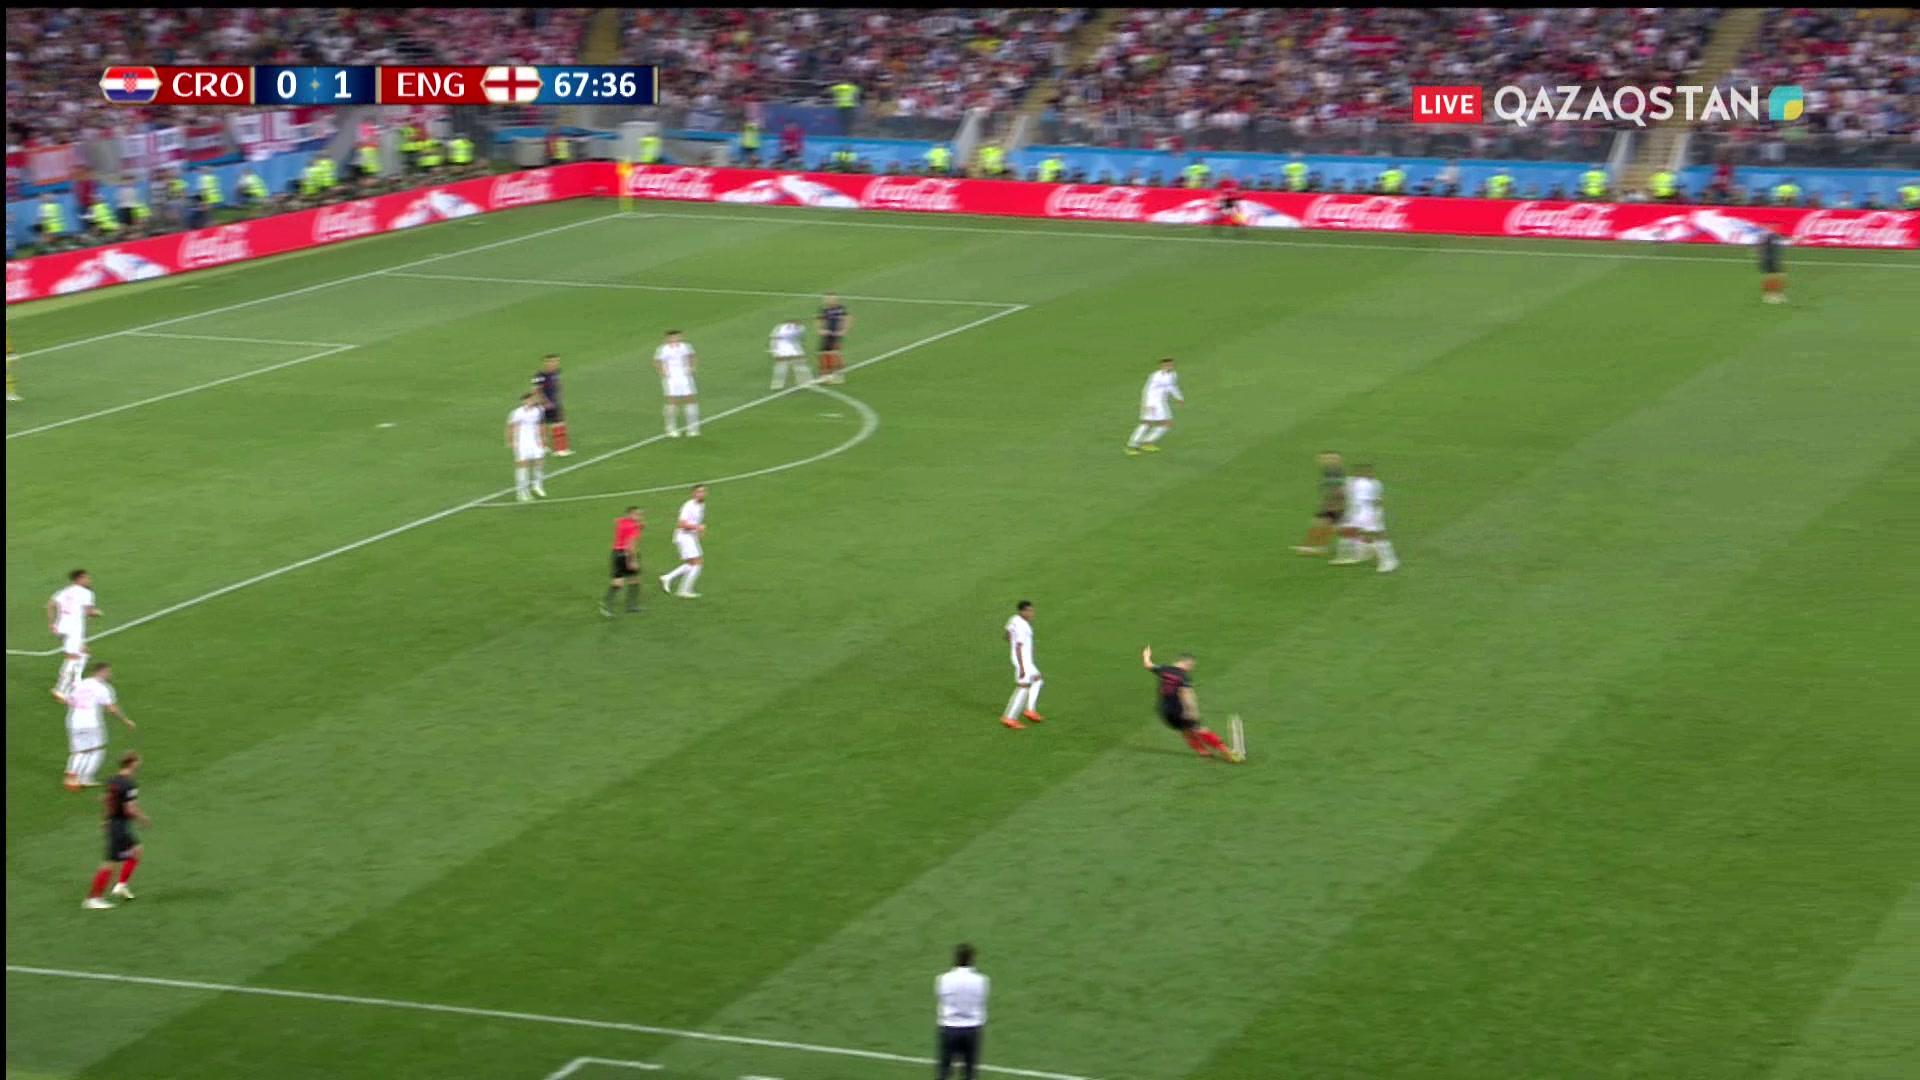 Хорватия – Англия – 1:1 | Әлем Чемпионаты 2018: 68' Иван Перишич ойындағы есепті теңестірді